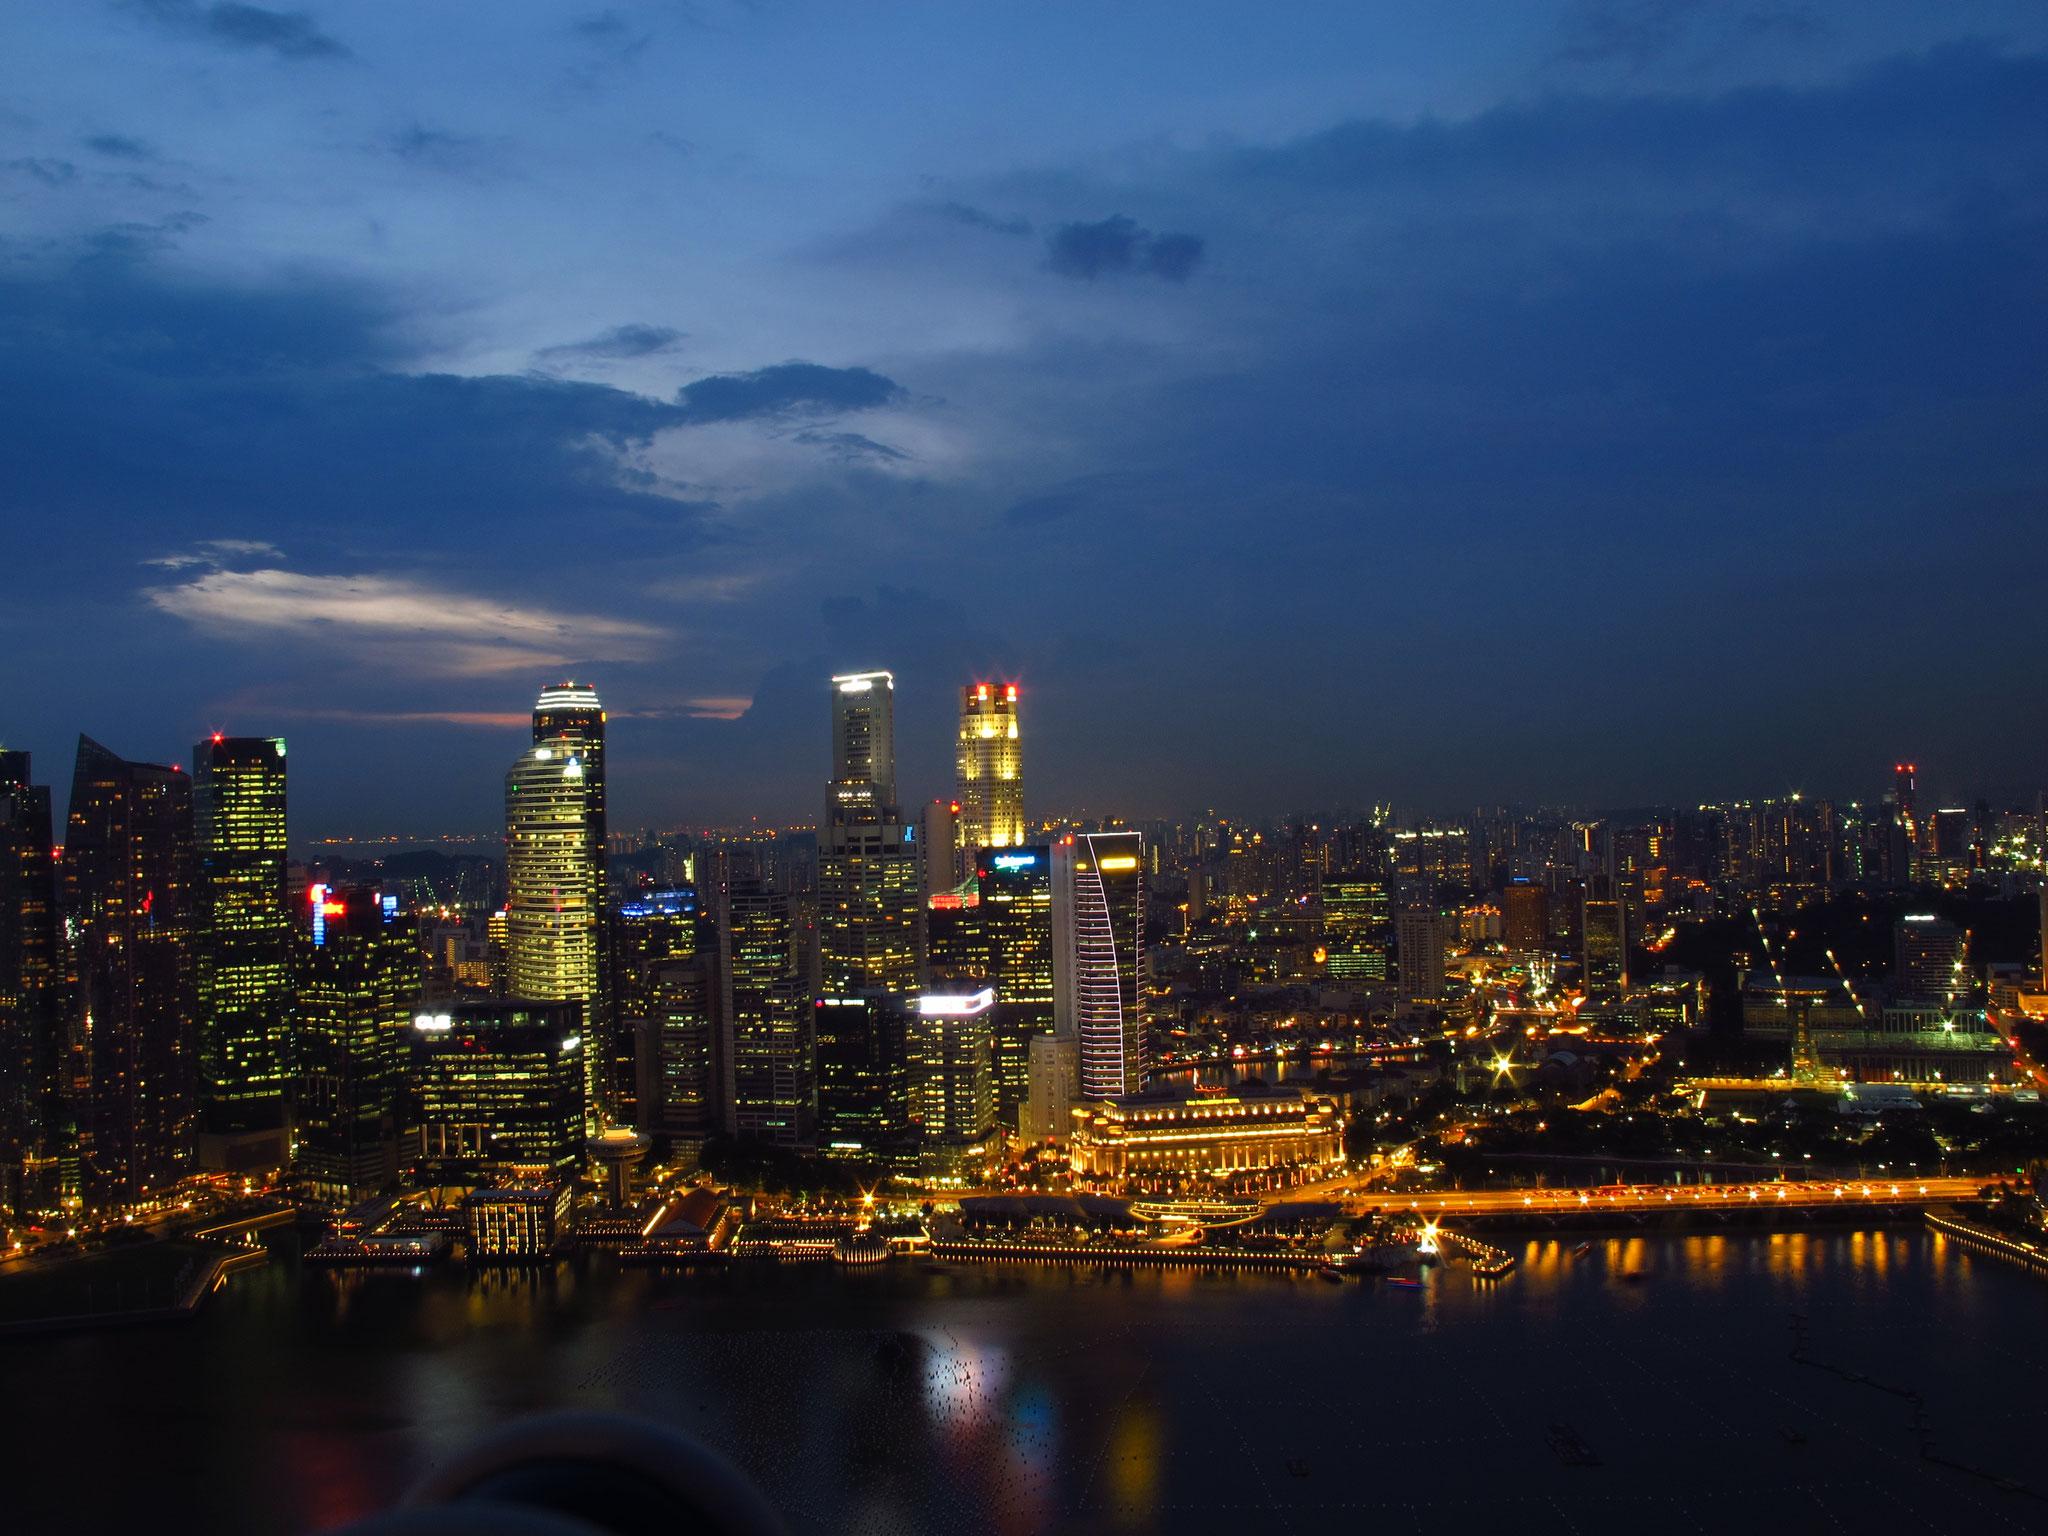 Singapur - Der Blick beim Cocktailtrinken